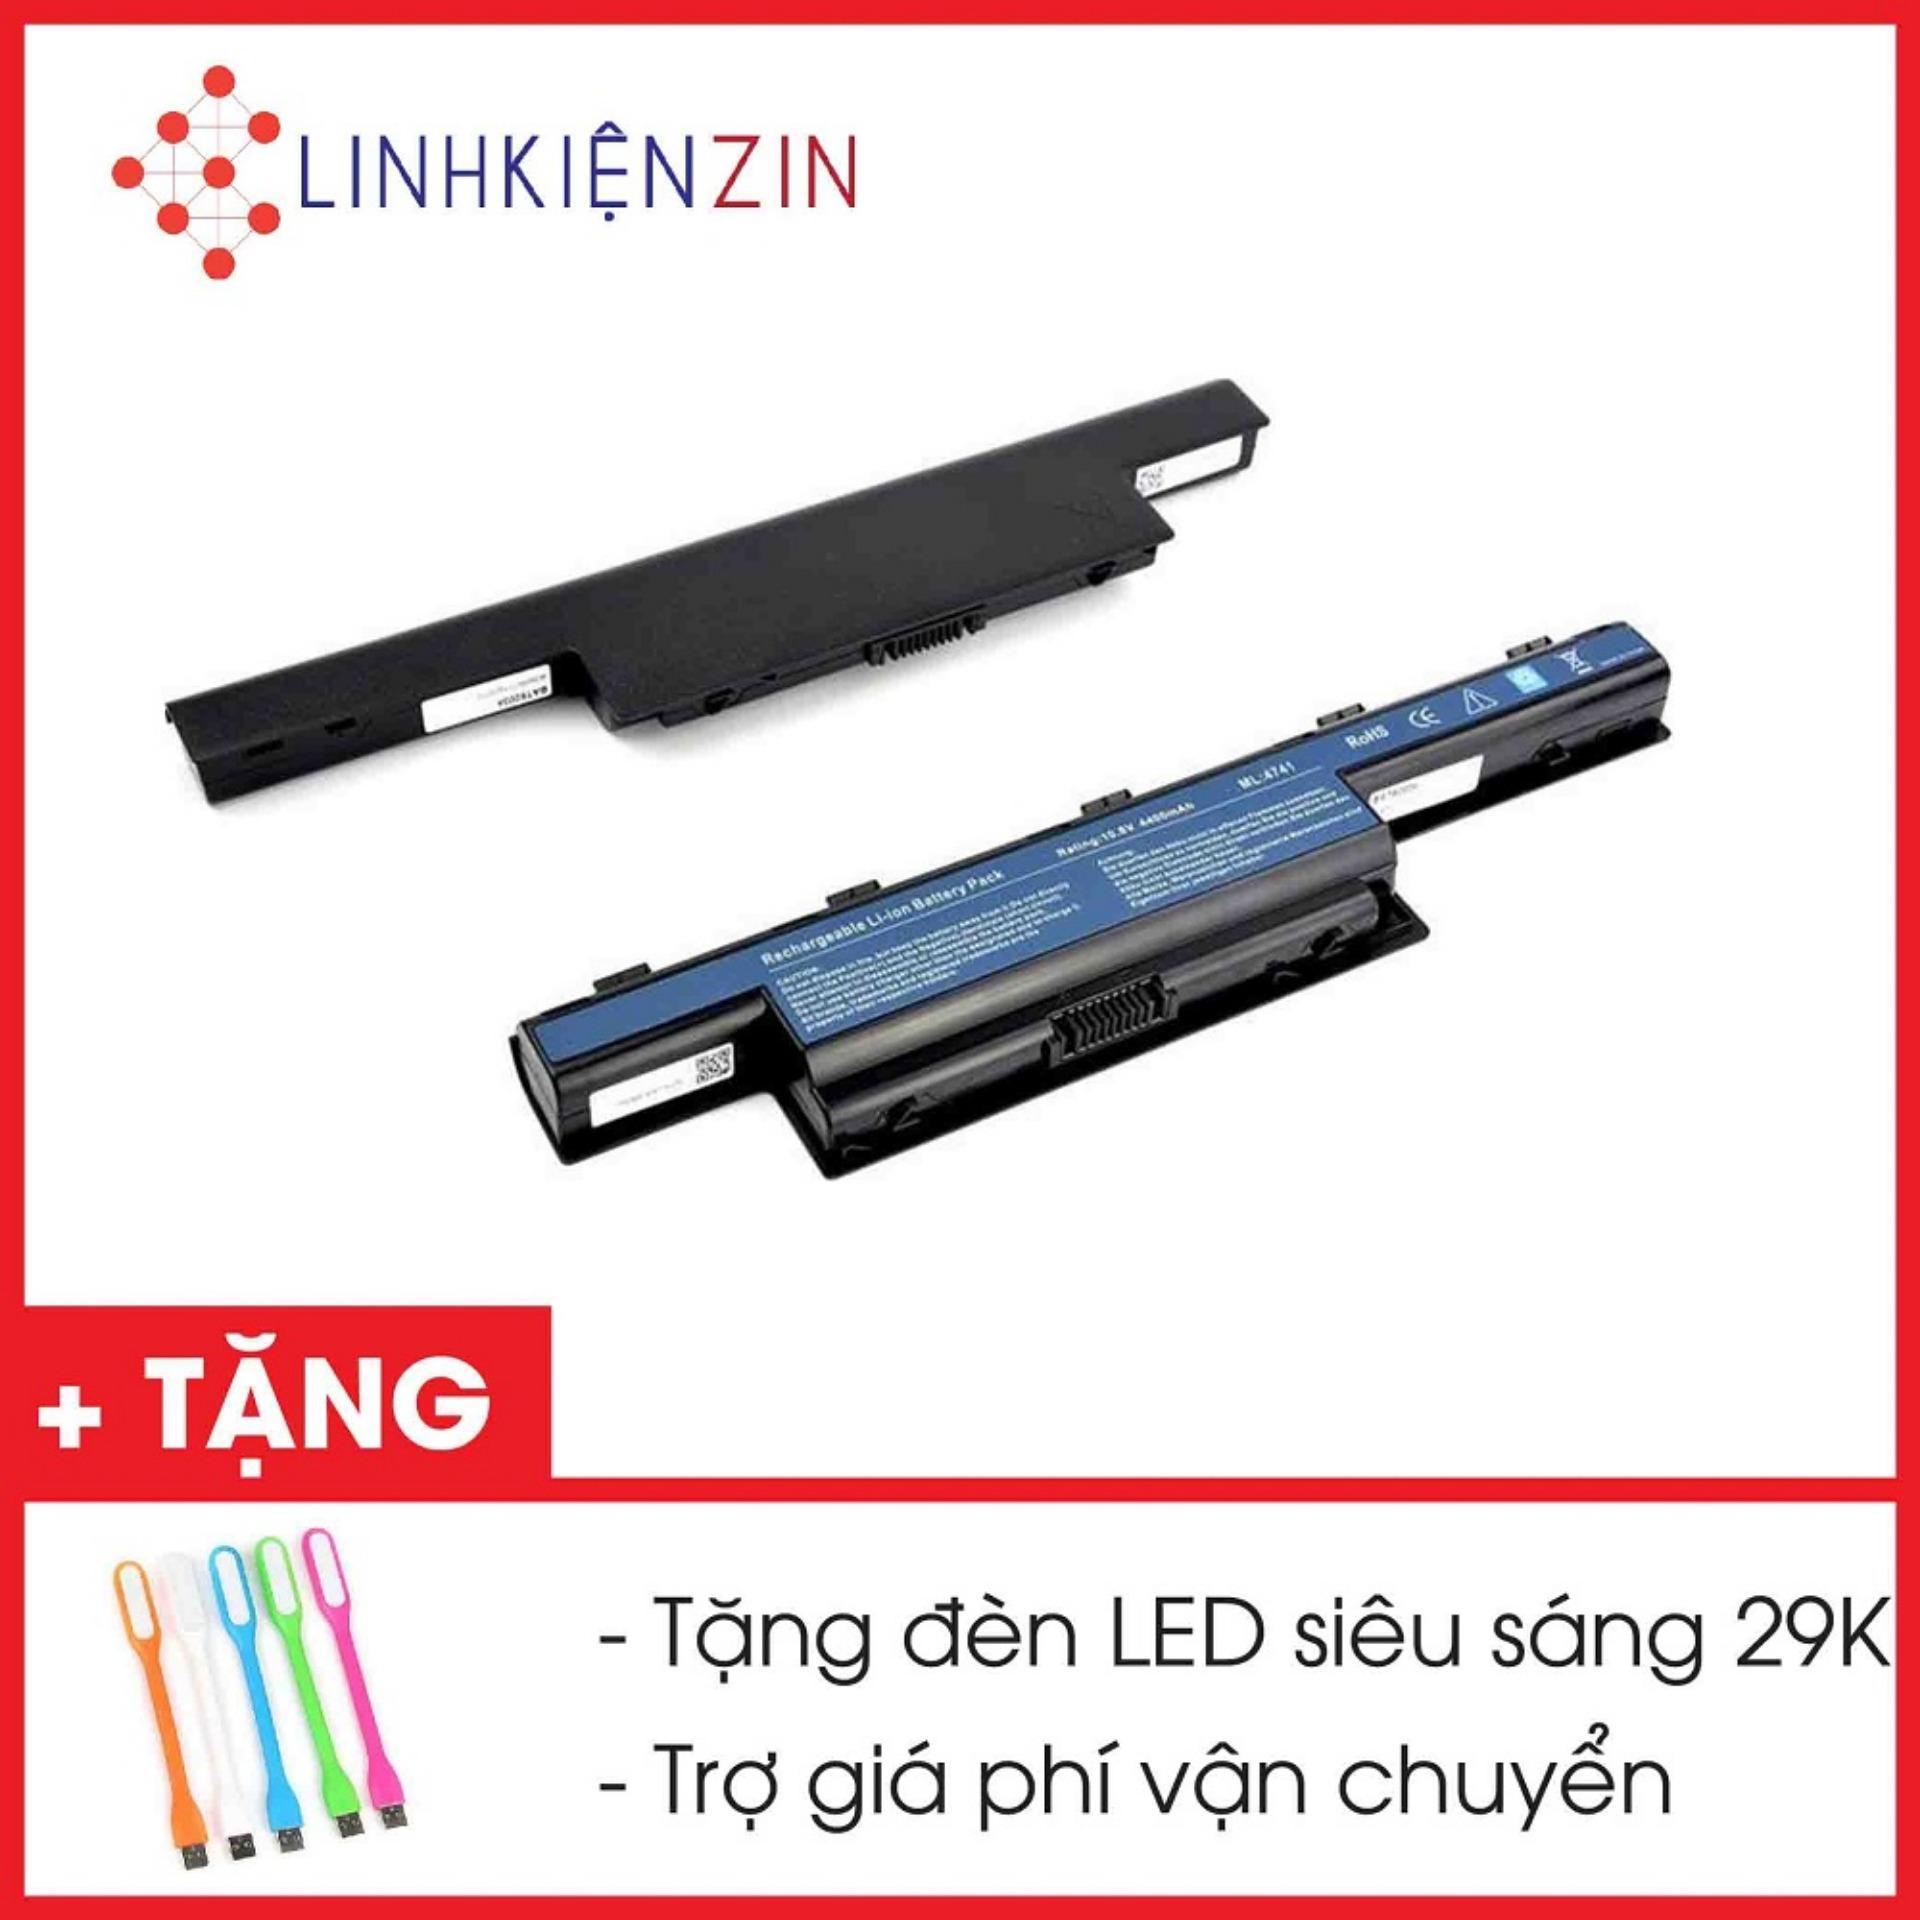 Pin cho Laptop Acer Aspire 4349 4352 4551 4551G 4552 4552G Hàng nhập khẩu mới 100% bảo hành 12 tháng